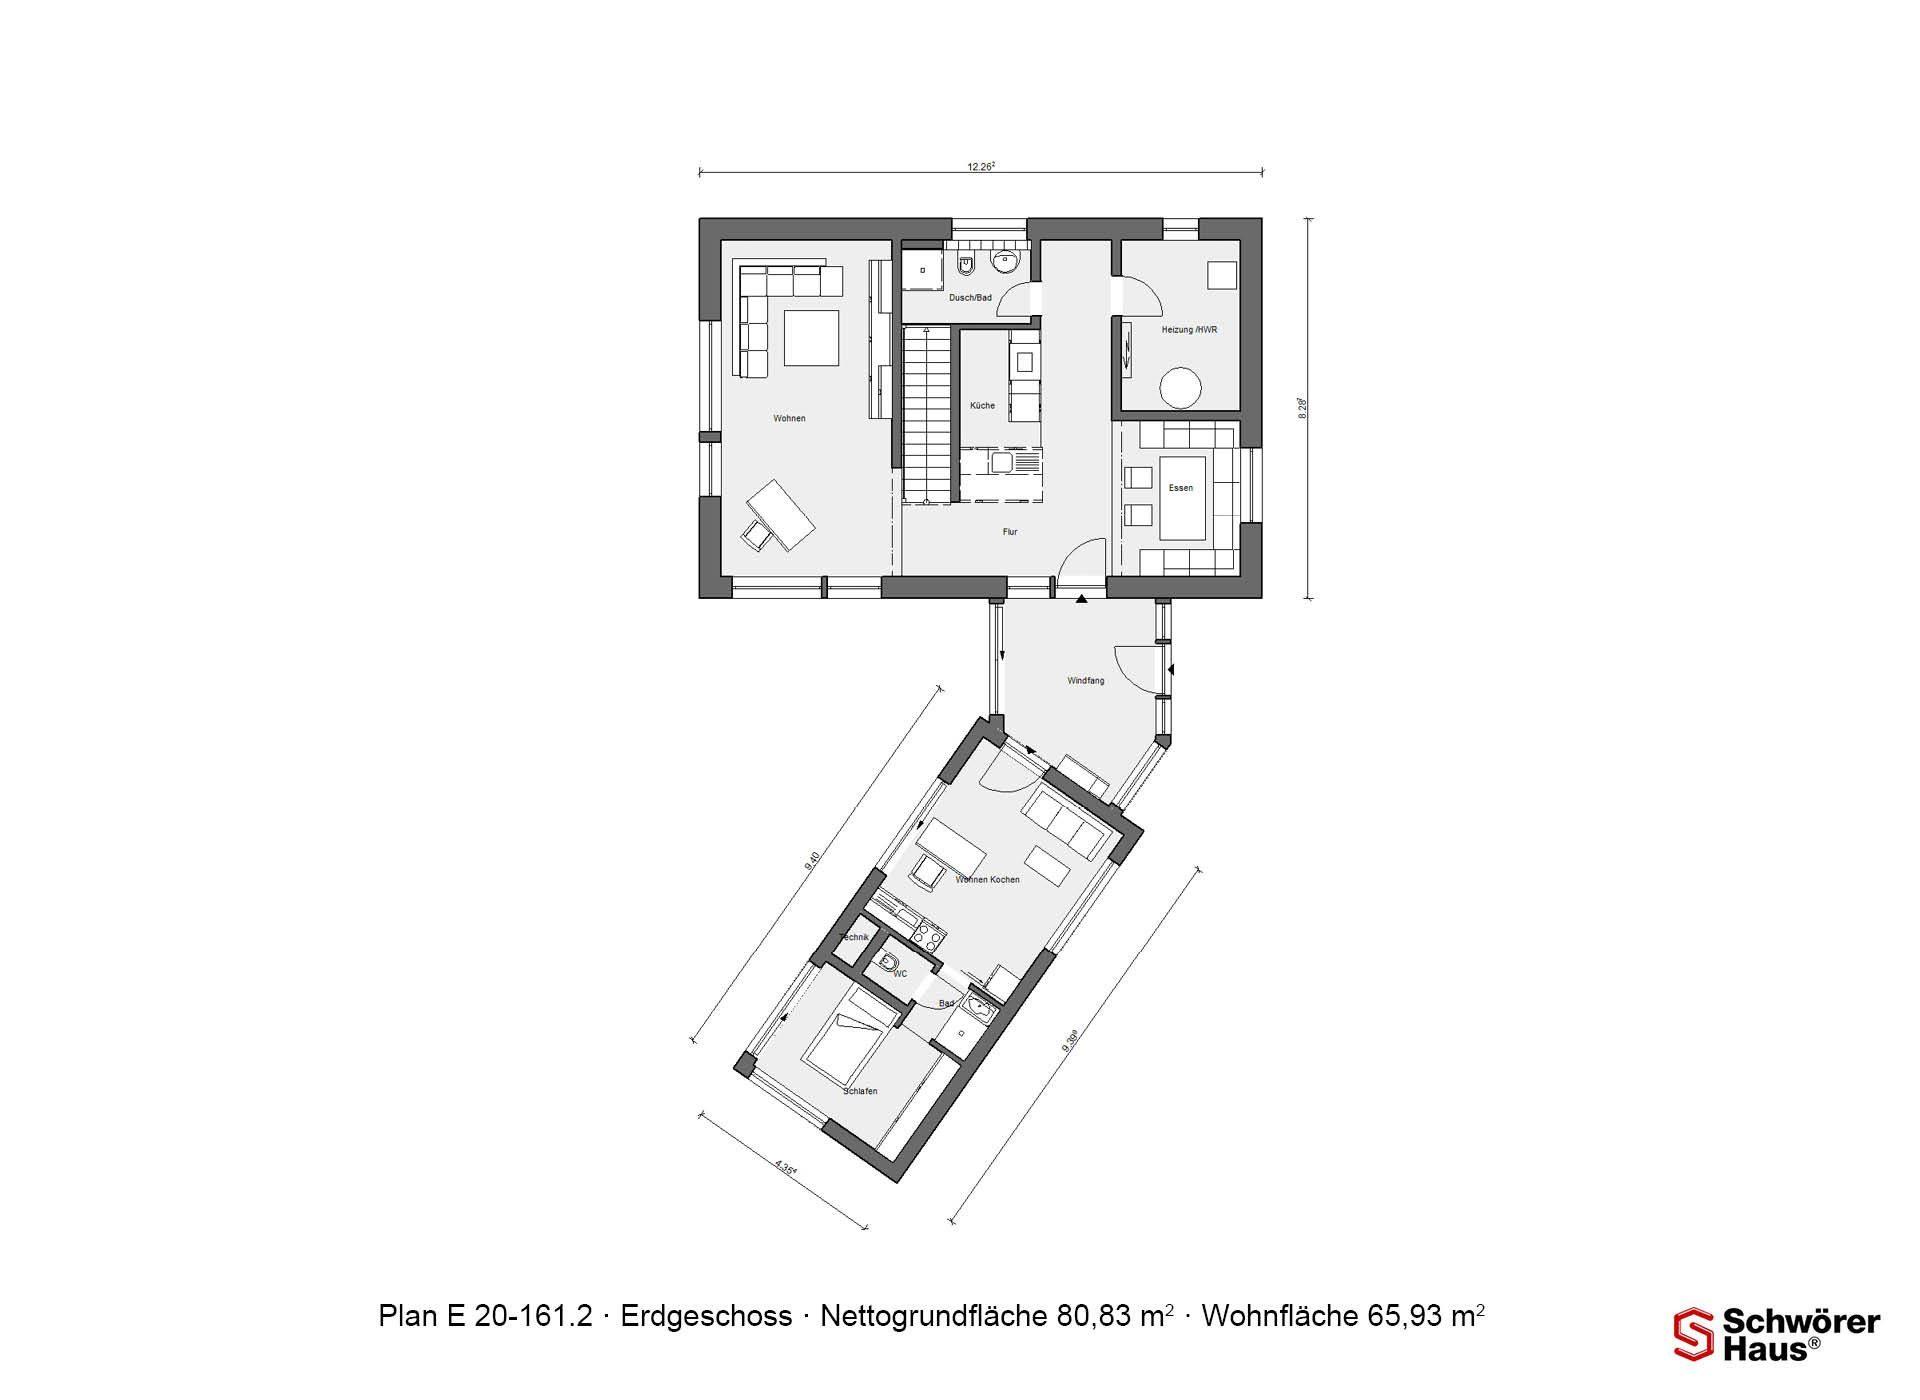 Musterhaus Köln - Eine nahaufnahme von text auf einem weißen hintergrund - Gebäudeplan